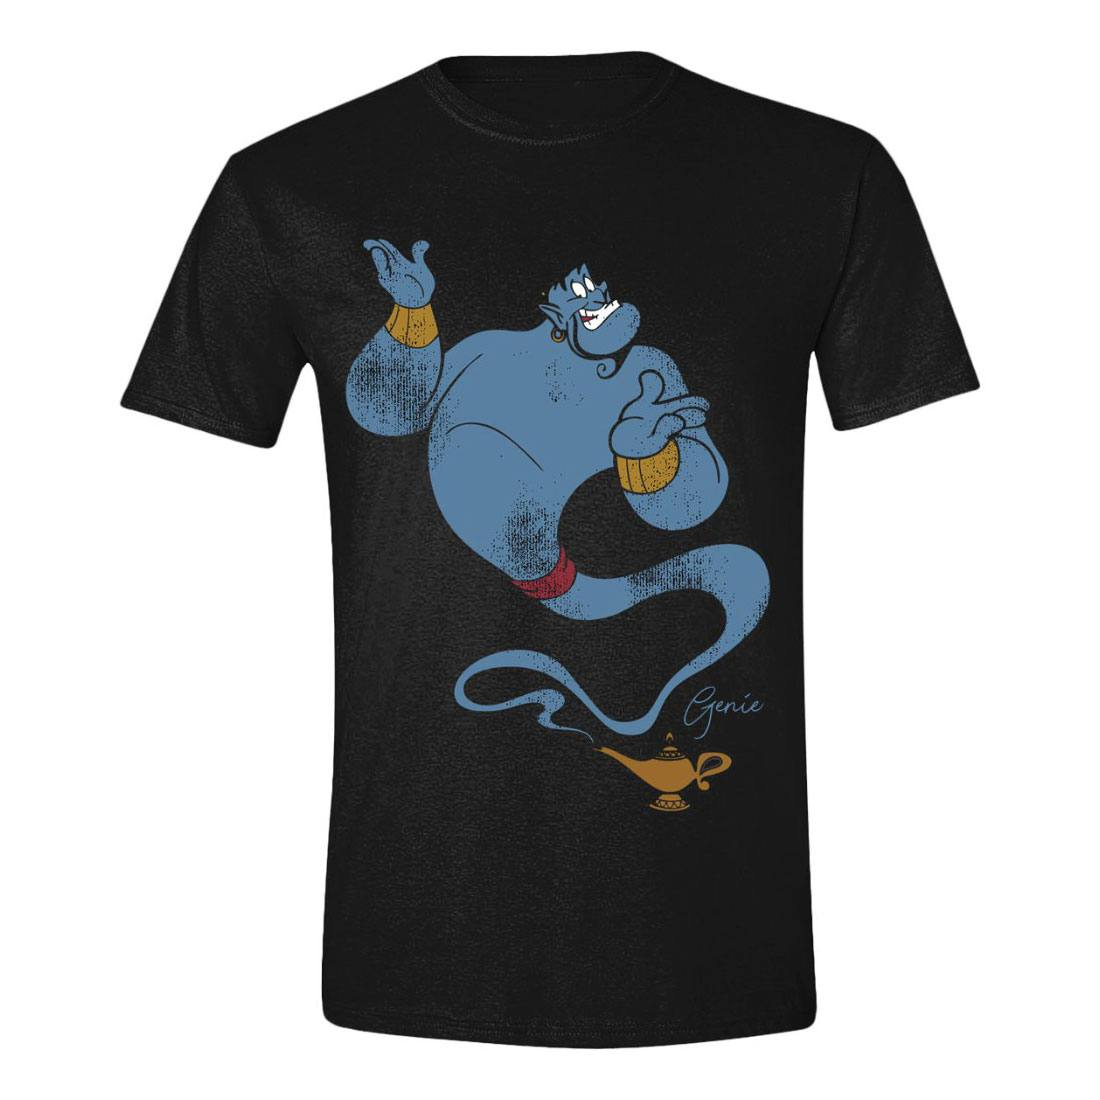 Aladdin T-Shirt Classic Genie Size L